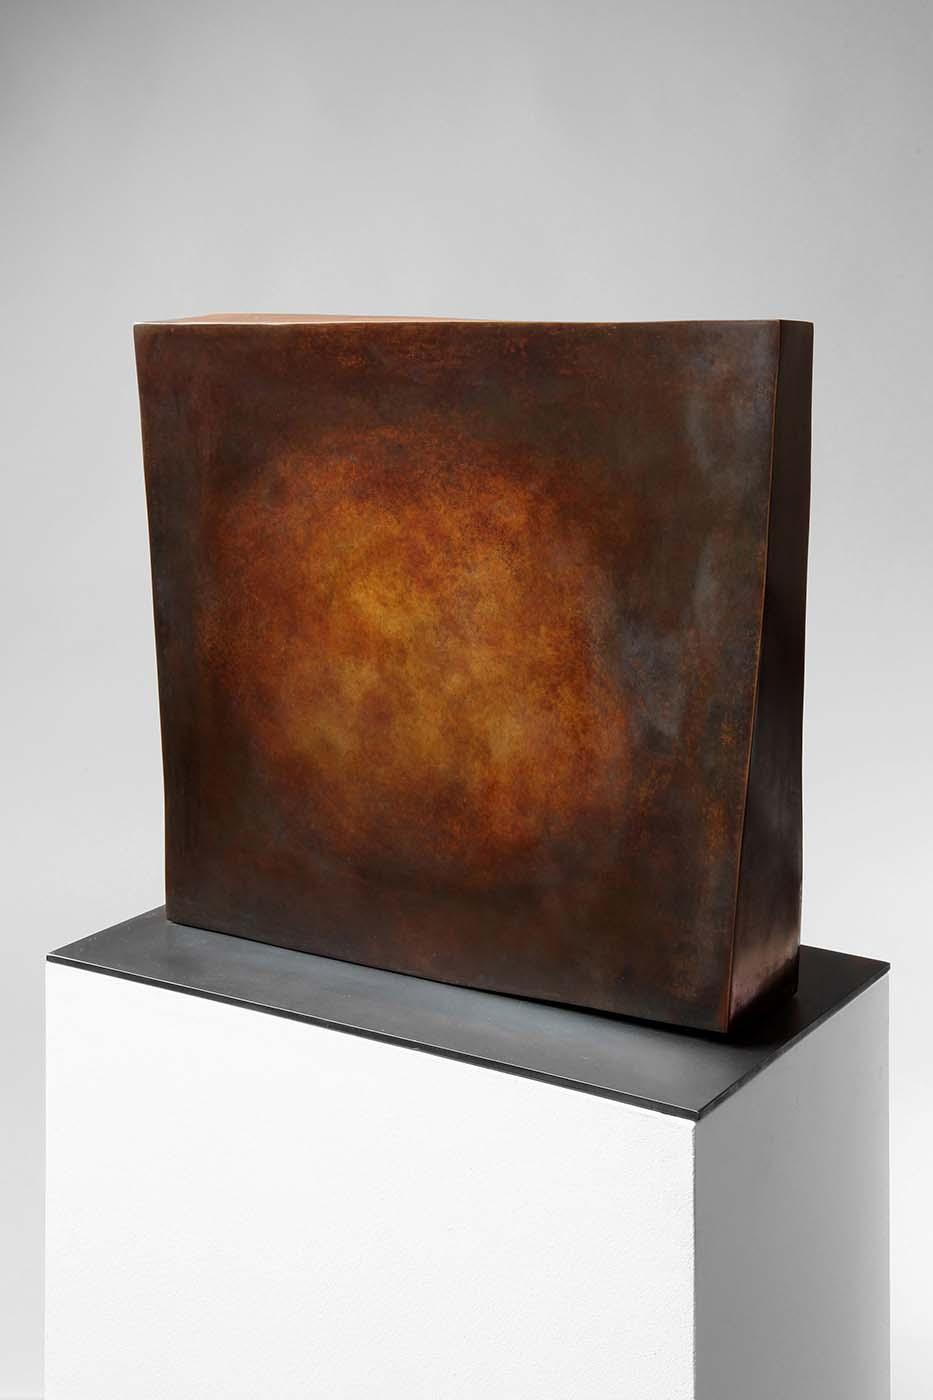 Erotik des Quadrats, 2010, Bronze, ca. 40 x 40 x 10 cm (02)